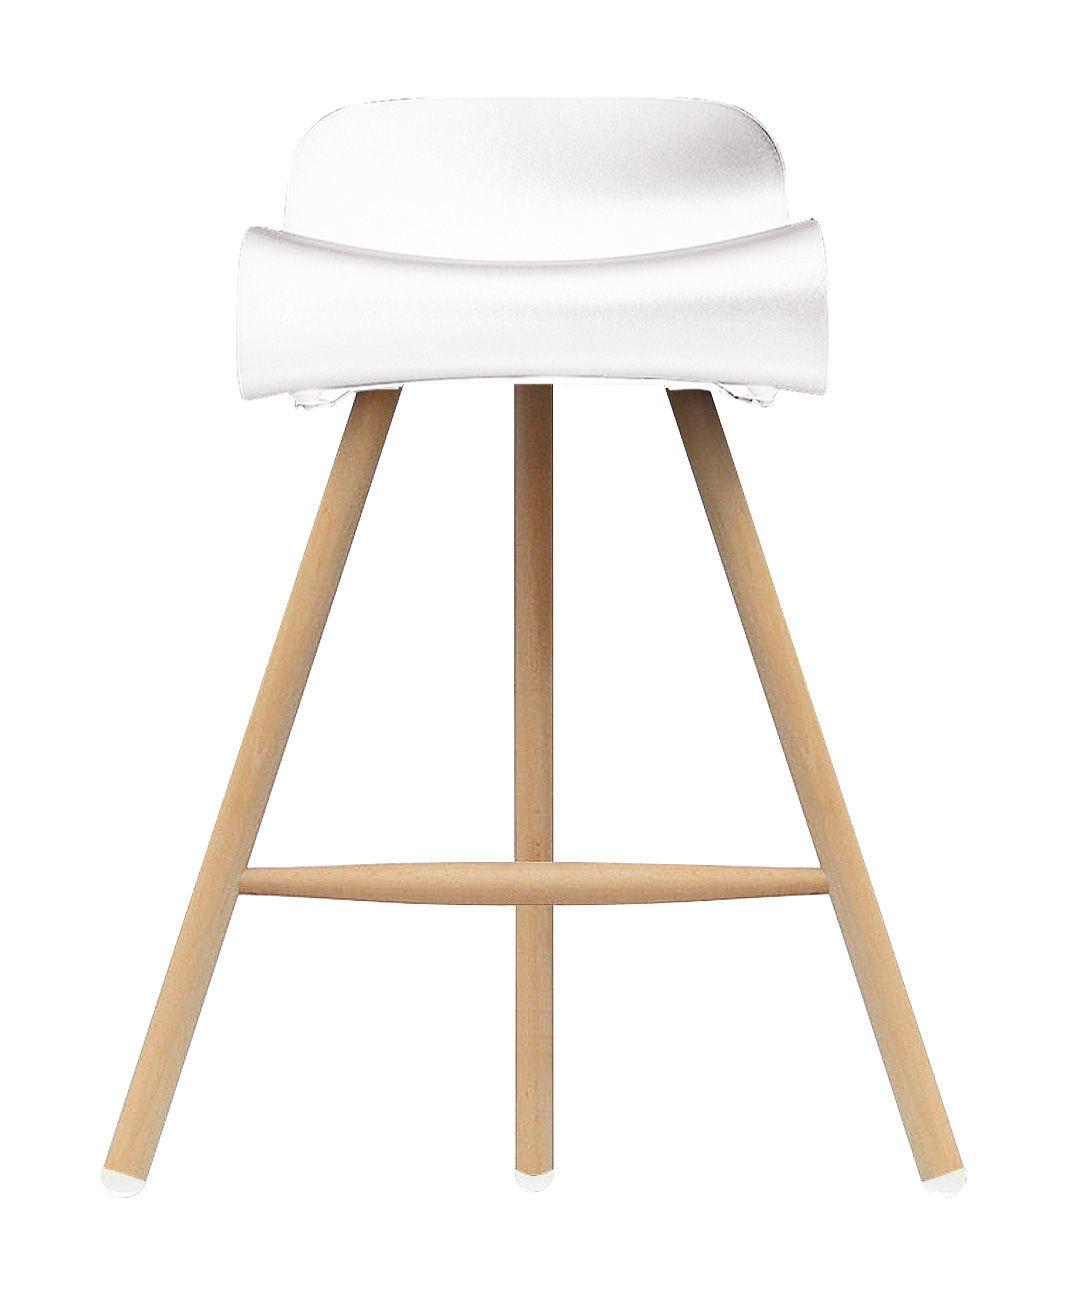 Bcn Wood Bar Stool H 66 Cm Plastic Amp Wood Legs Natural